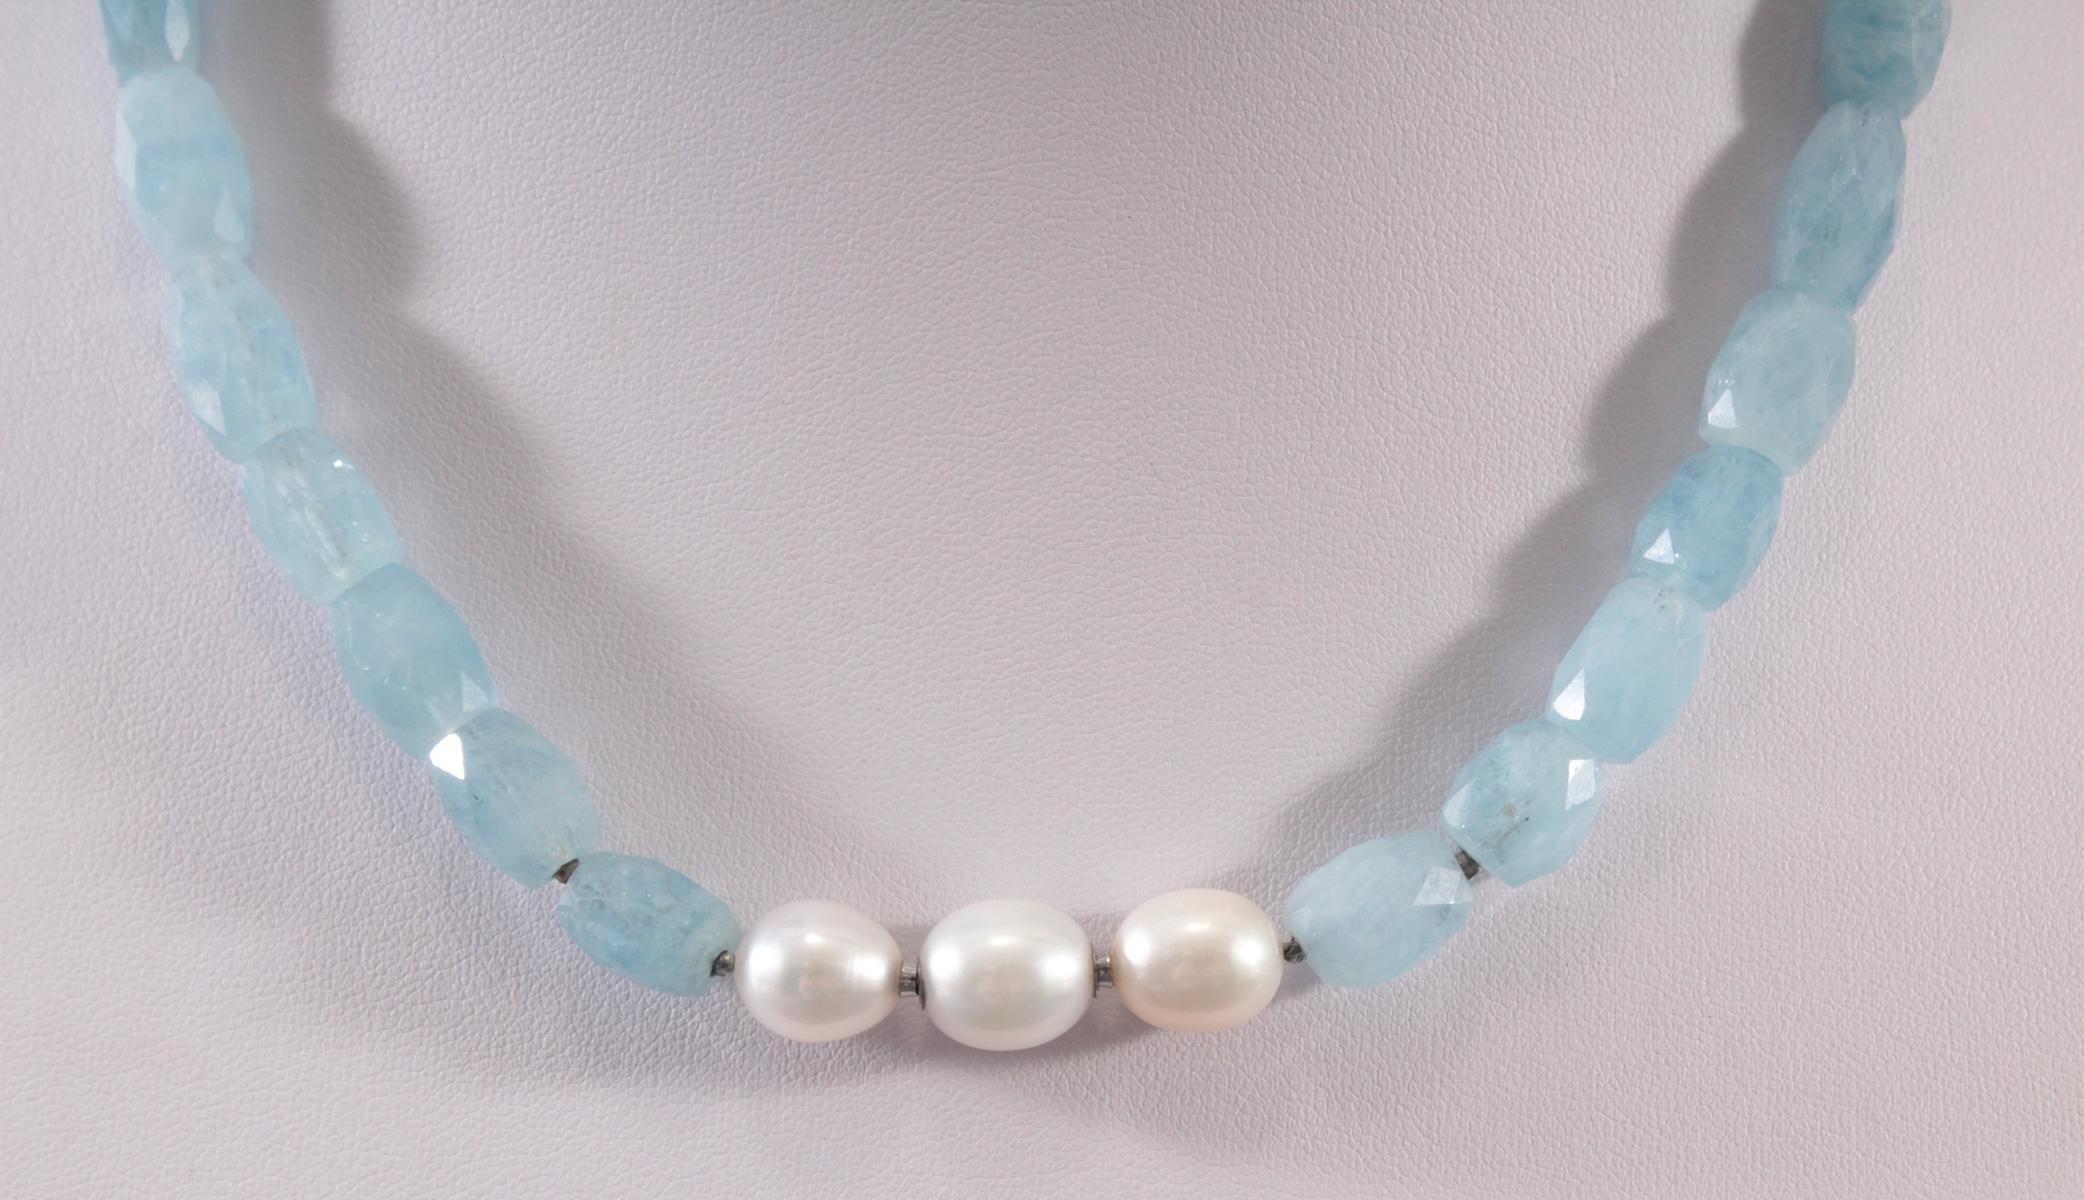 Halskette aus Aquamarinen und Perlen-2